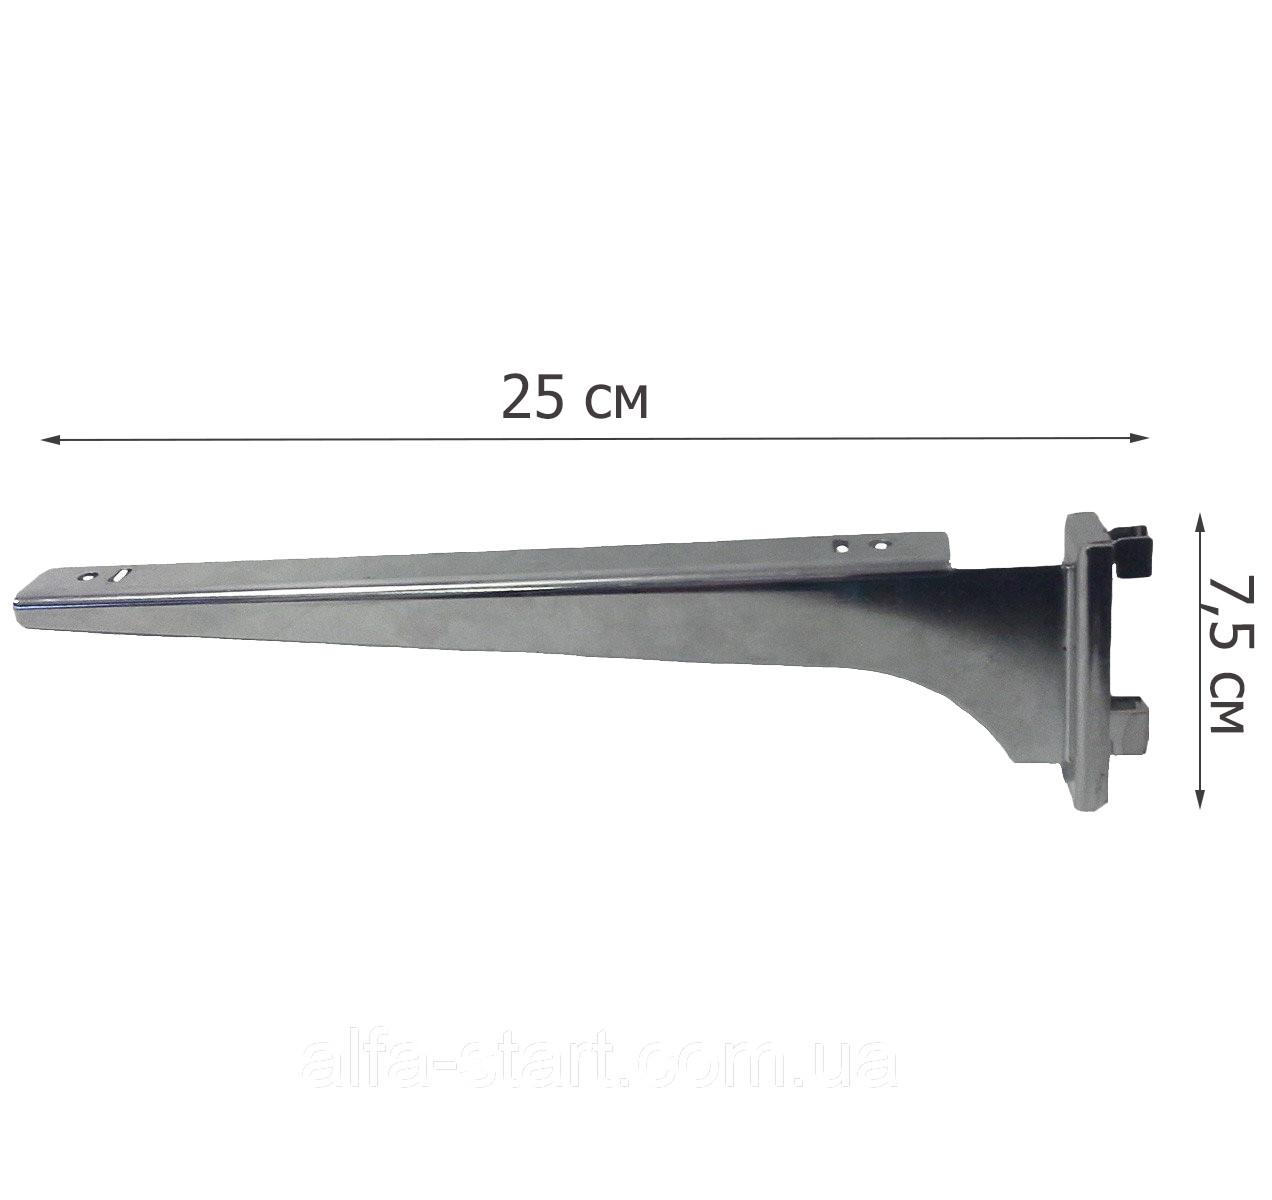 Полкодержатель хромированный в рейку 25 см двойной